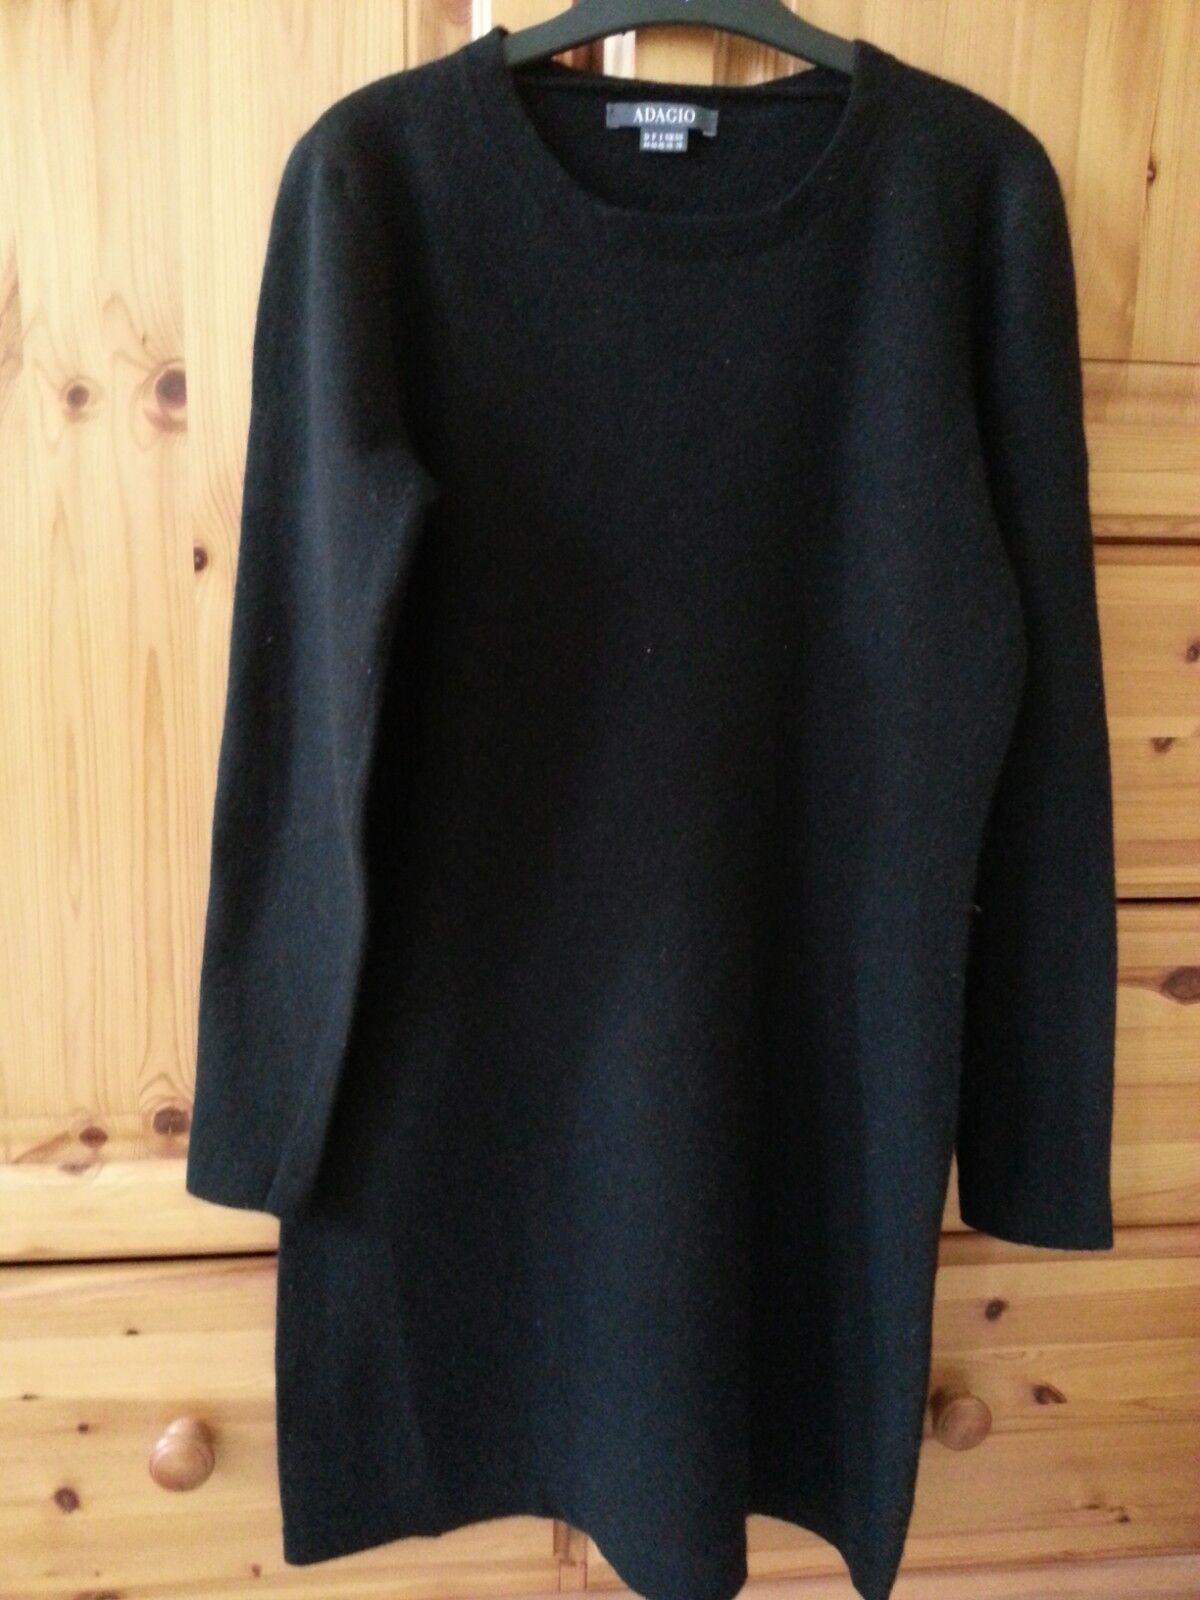 Adagio schönes Wollkleid mit 30% Kaschmir Gr S schwarz 70% Wolle